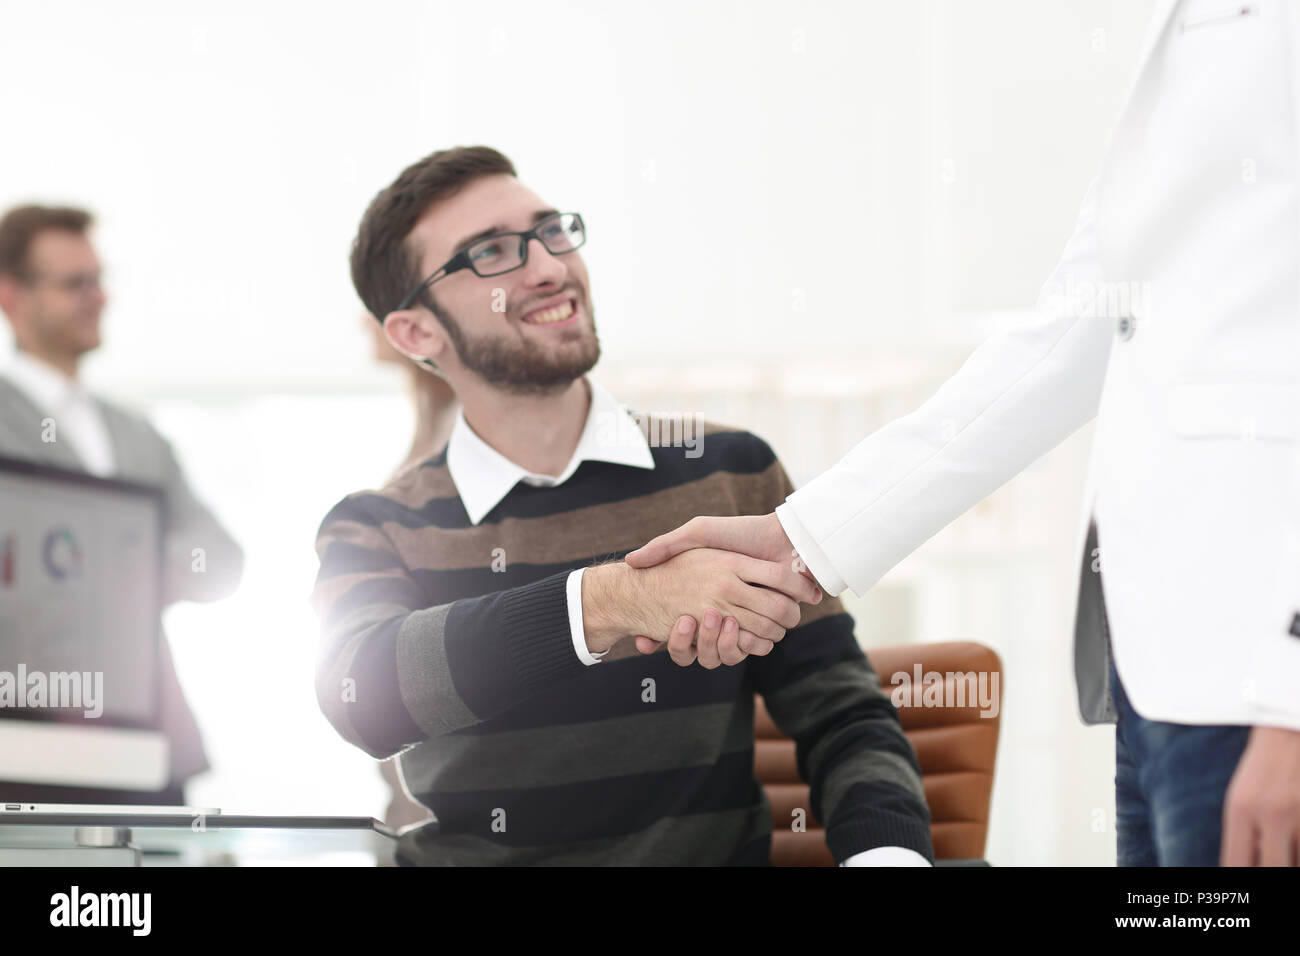 Handshake zwischen Kollegen am Arbeitsplatz Stockbild